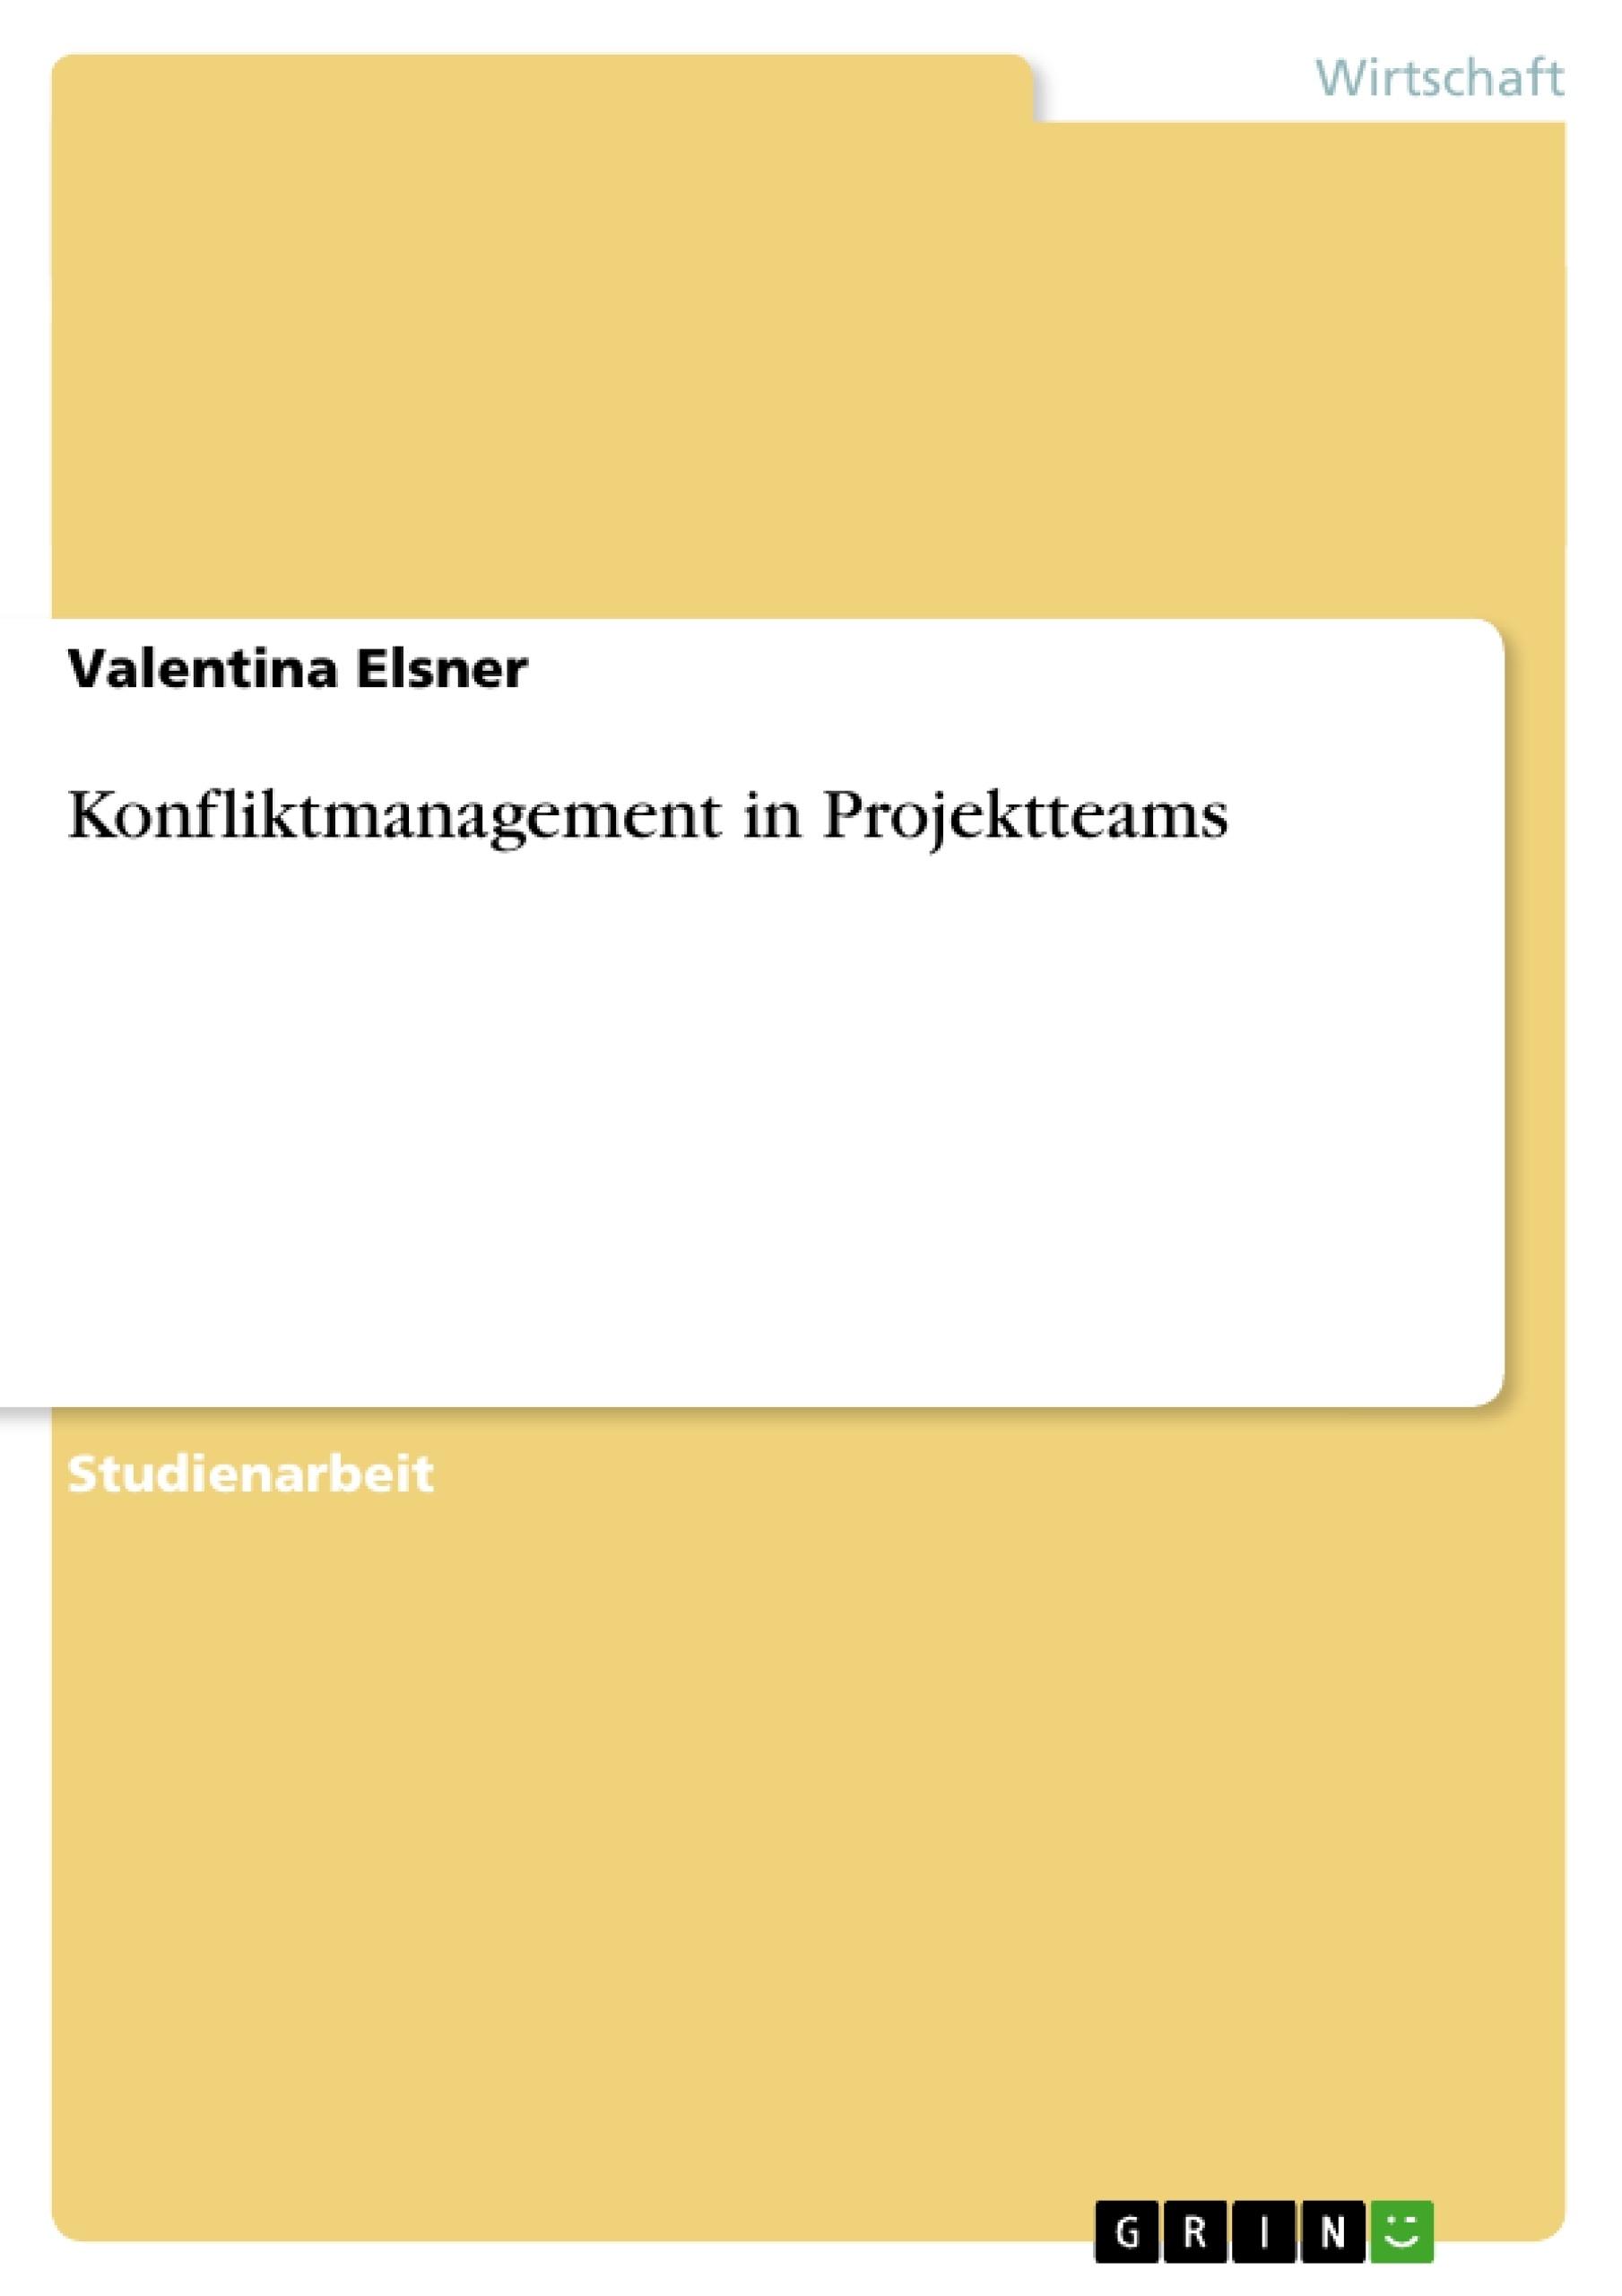 Titel: Konfliktmanagement in Projektteams